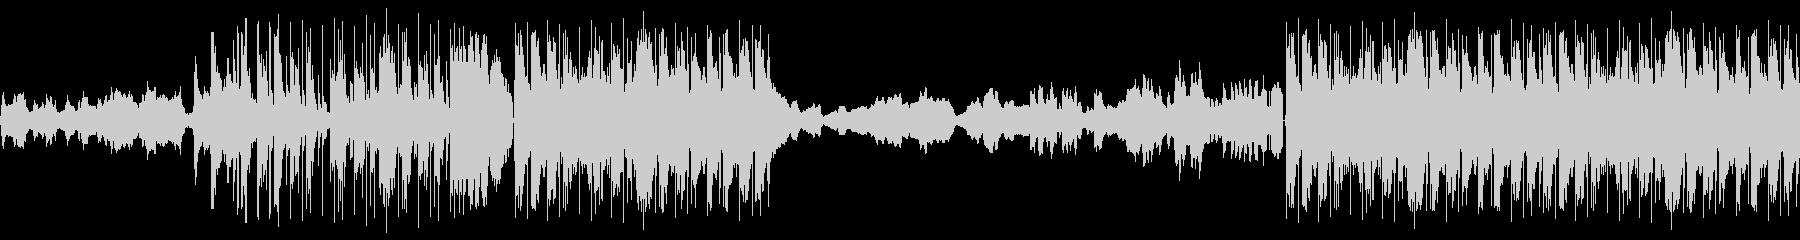 【ゲームクラシカル戦闘曲】の未再生の波形